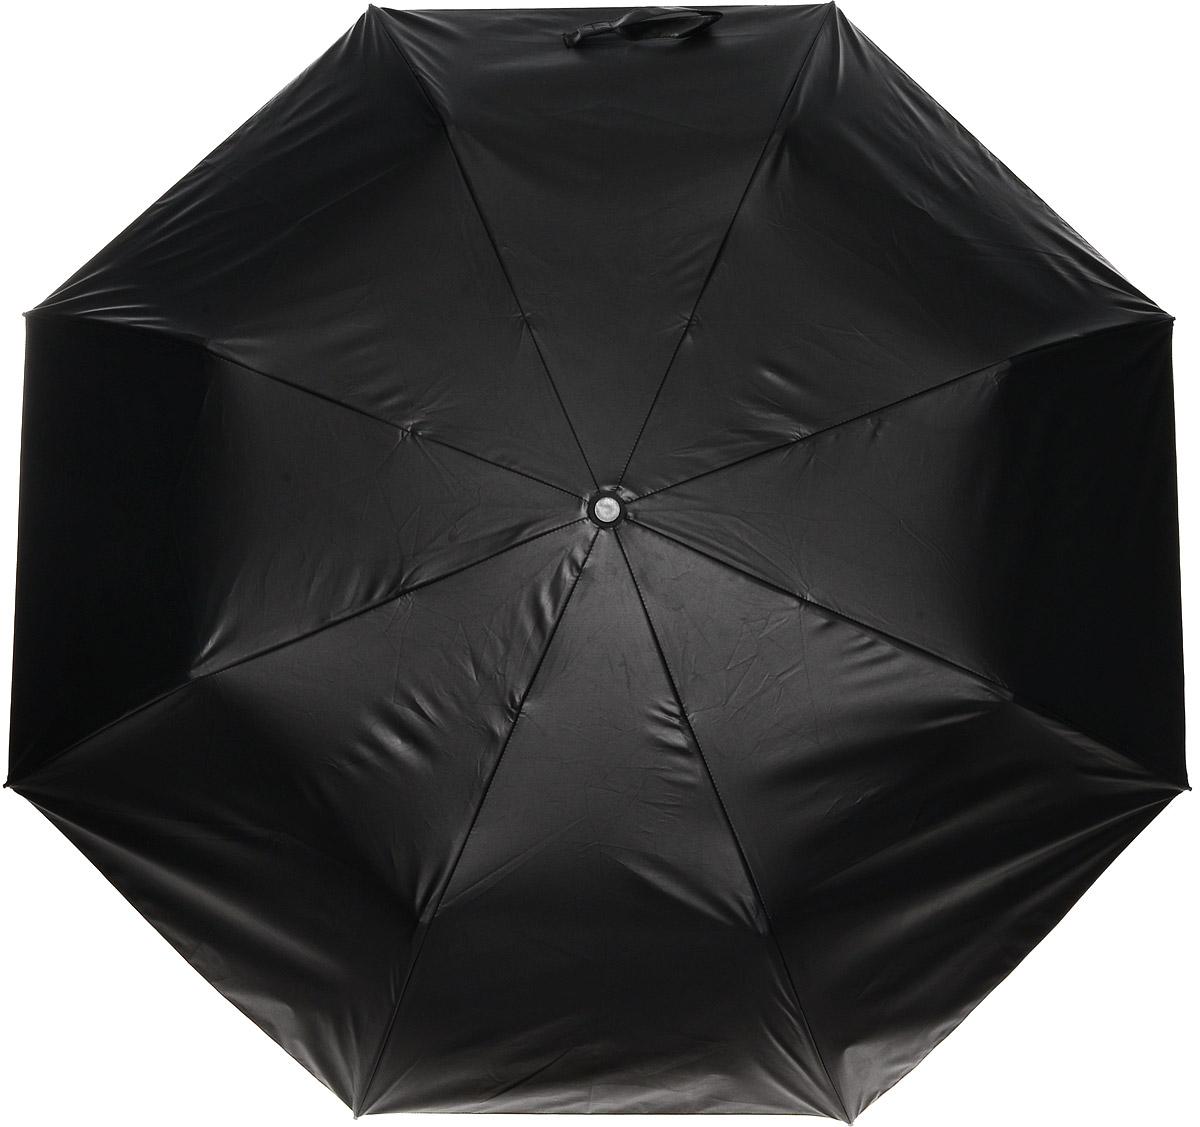 Зонт женский Vera Victoria Vito, механика, 3 сложения, цвет: черный, желтый. 20-700-43.7-12 navyЗонт Vera Victoria Vito надежно защитит вас от дождя. Купол выполнен из высококачественного нейлона, который не пропускает воду. Внутренняя сторона купола оформлена оригинальным принтом. Каркас зонта и спицы выполнены из высококачественного металла.Удобная ручка выполнена из пластика и дополнена эластичной резинкой. Зонт имеет автоматический тип сложения: открывается и закрывается при нажатии на кнопку. В комплект входит чехол.